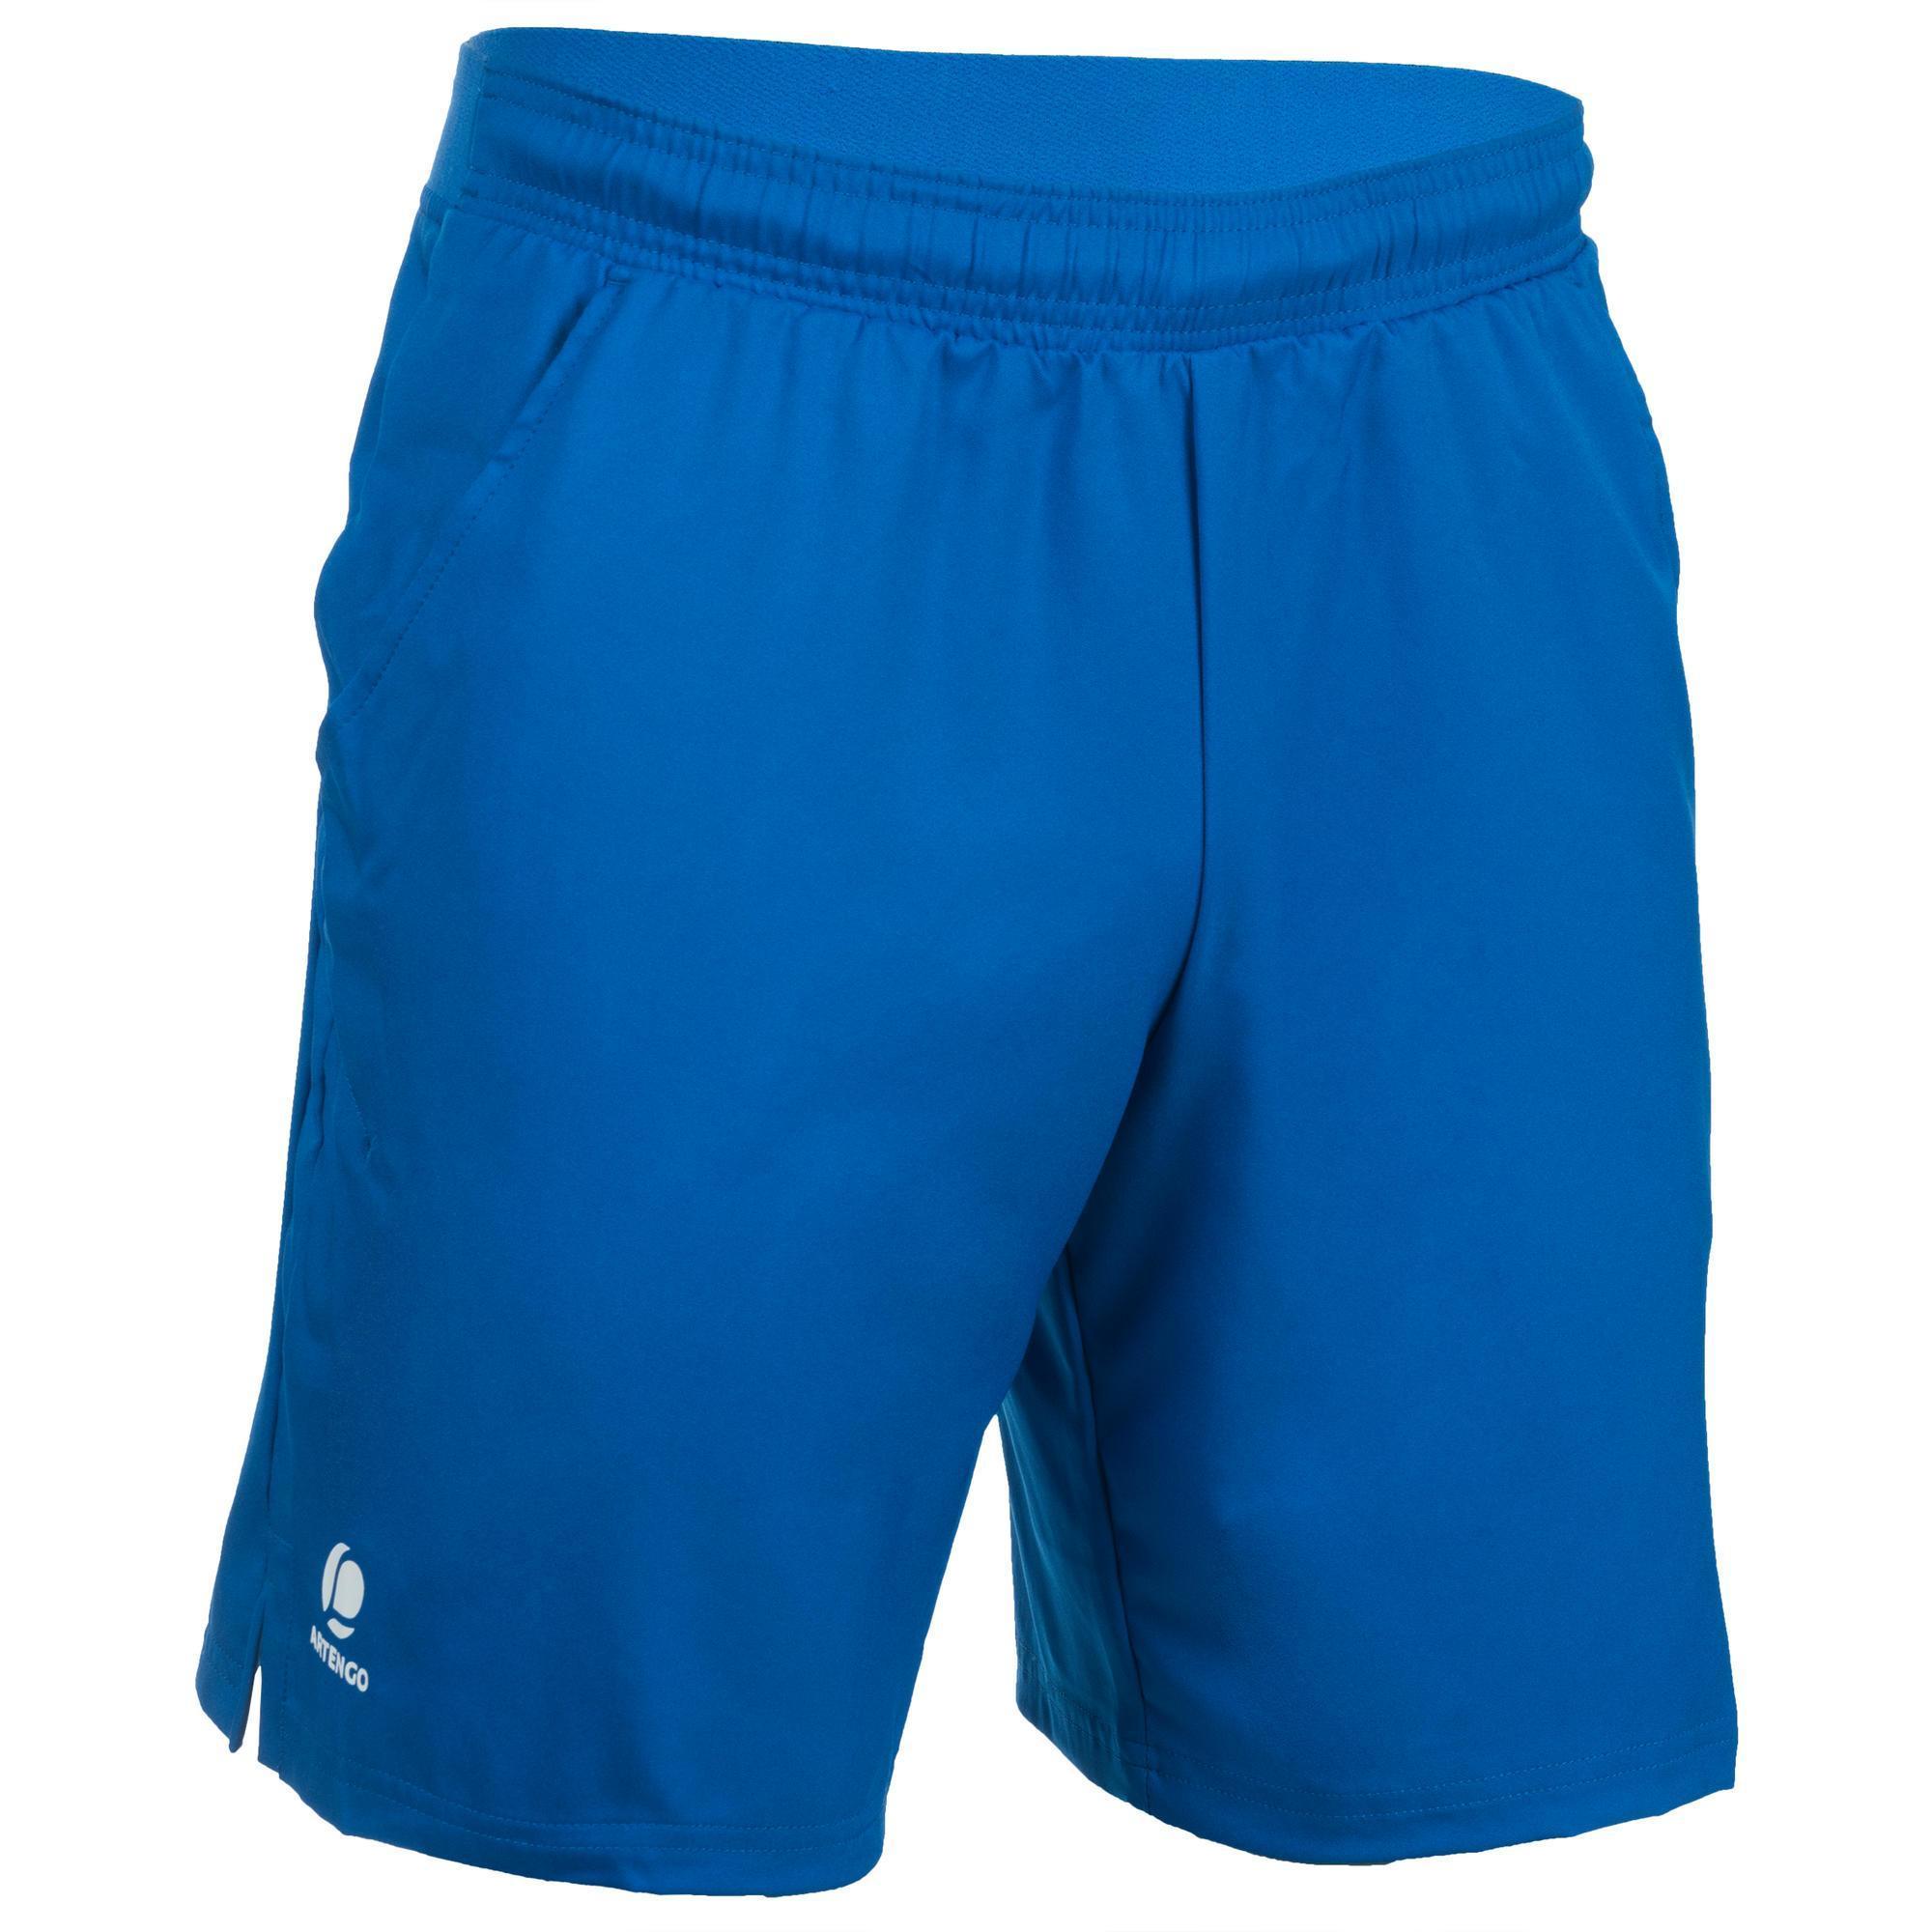 Artengo Tennisshort heren Dry 500 blauw